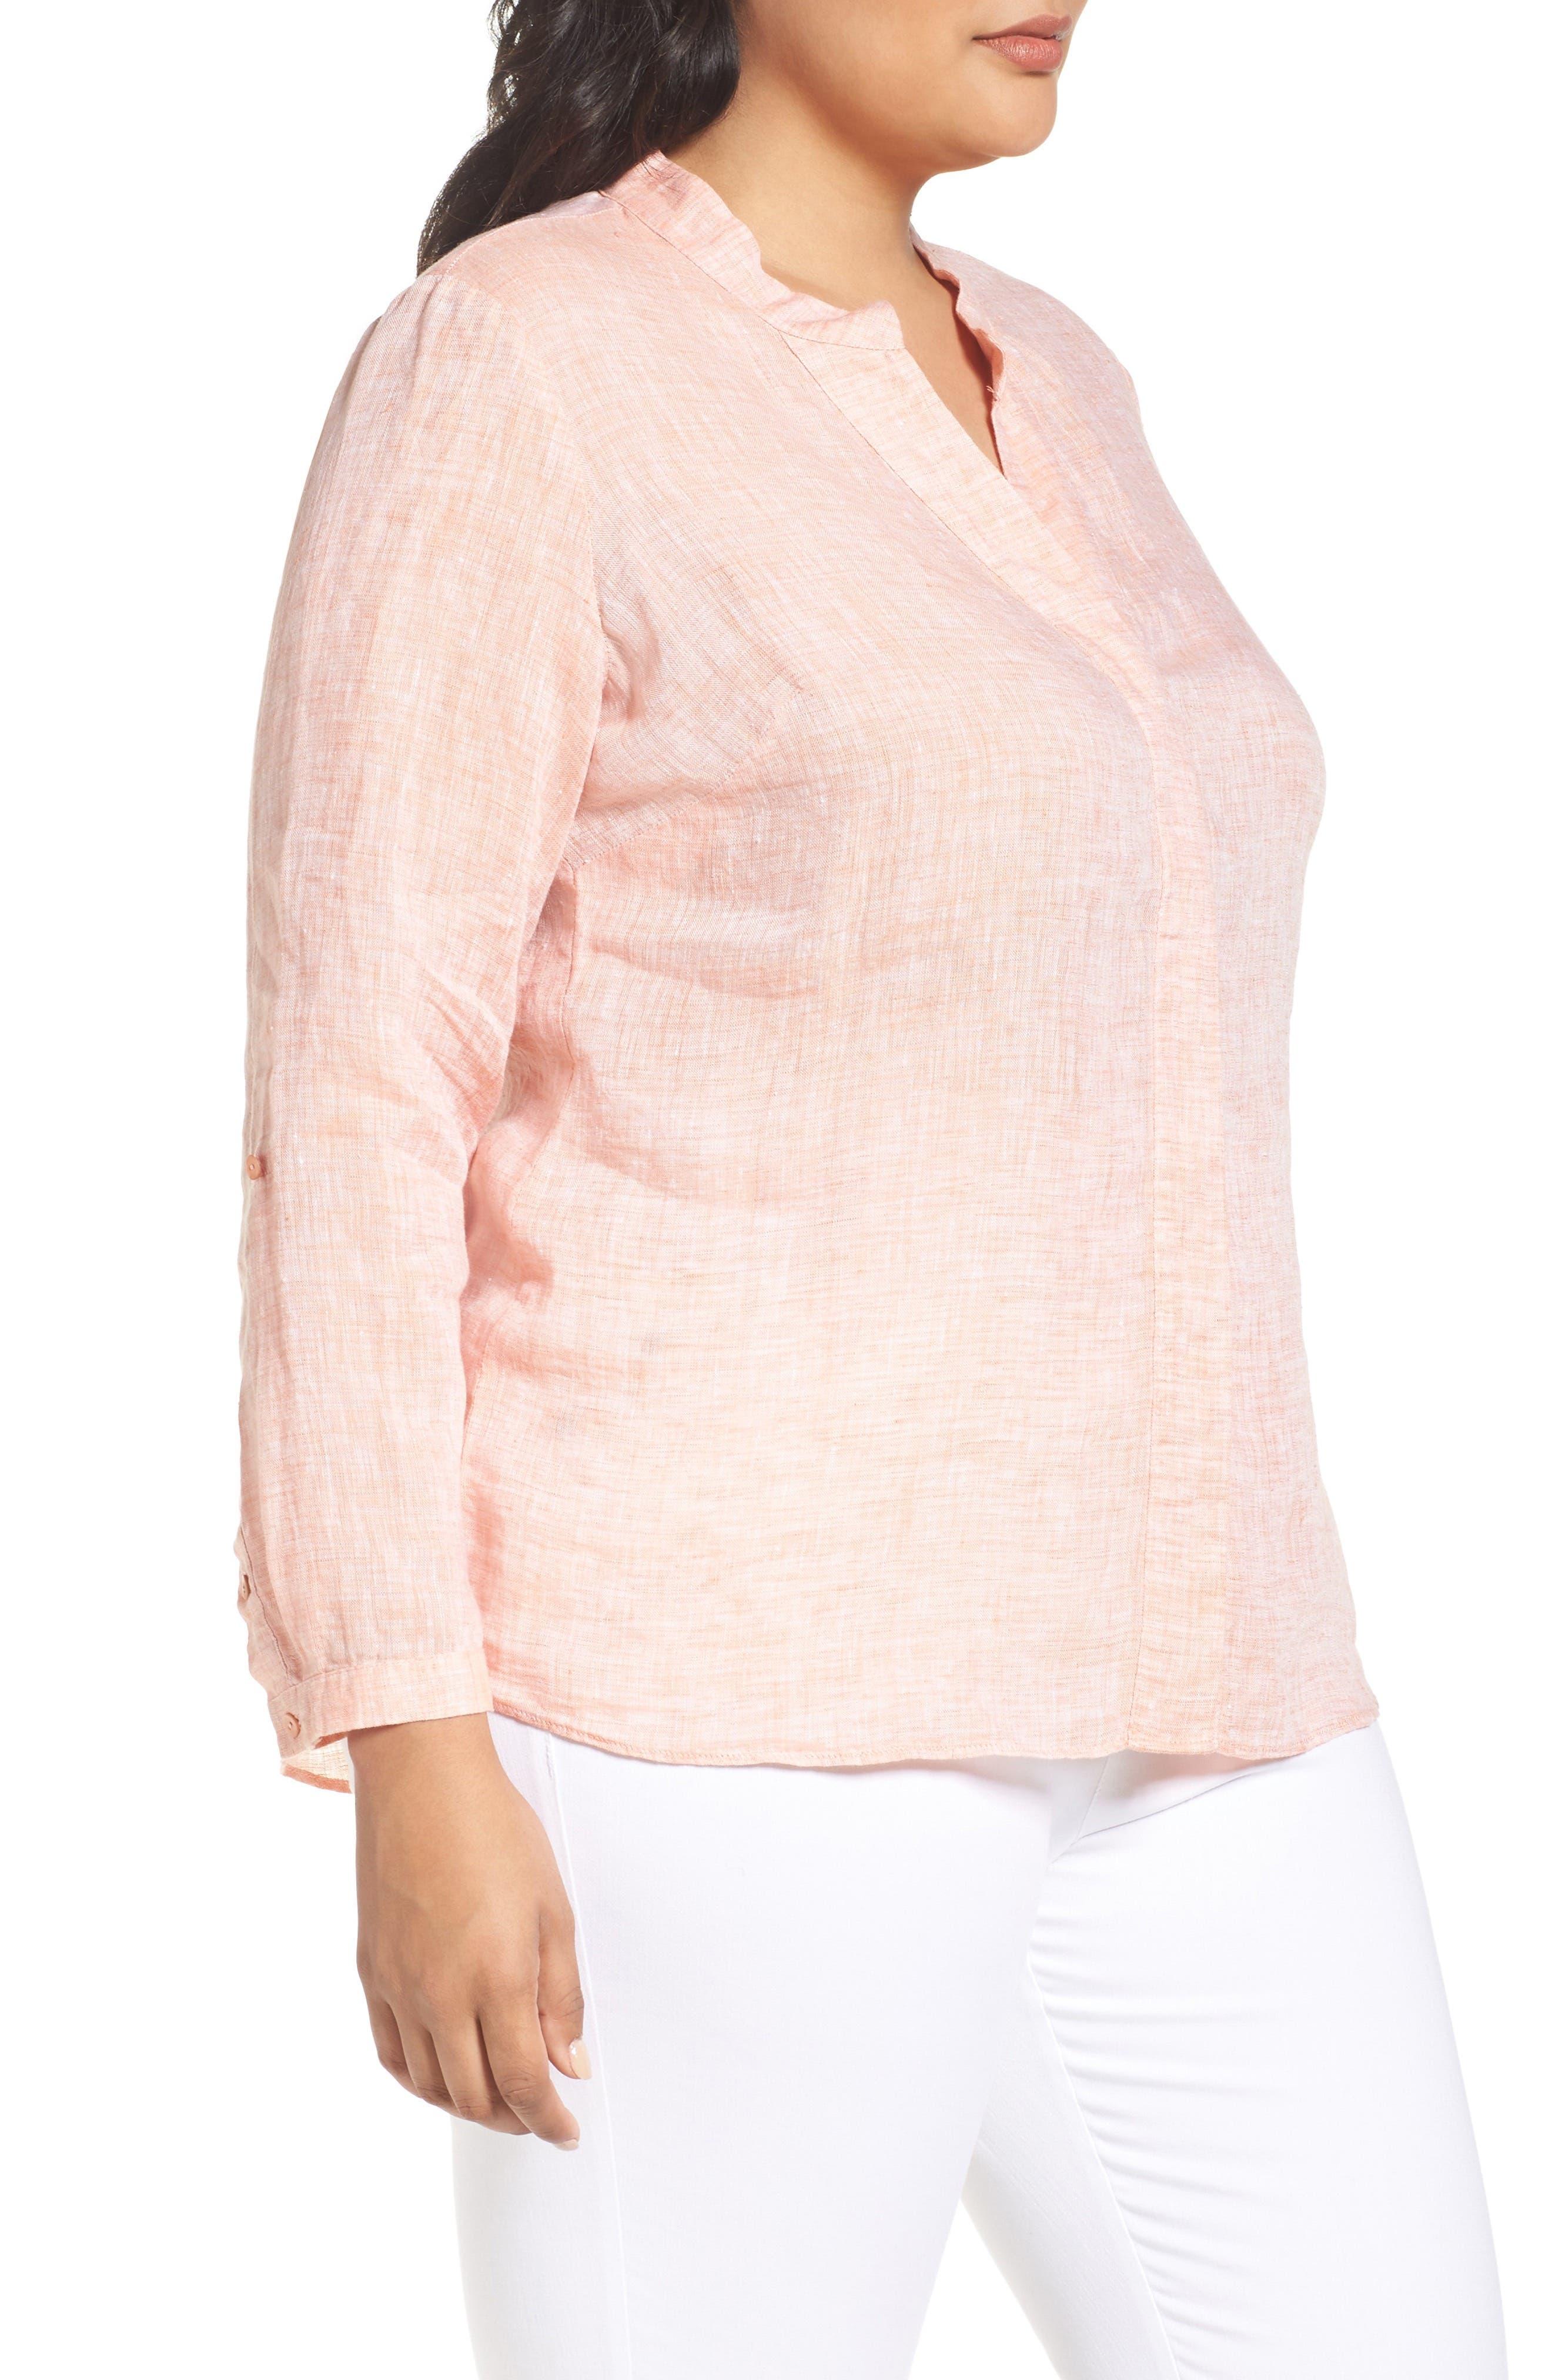 NIC+ZOE, Drifty Woven Linen Shirt, Alternate thumbnail 3, color, TANGERINE